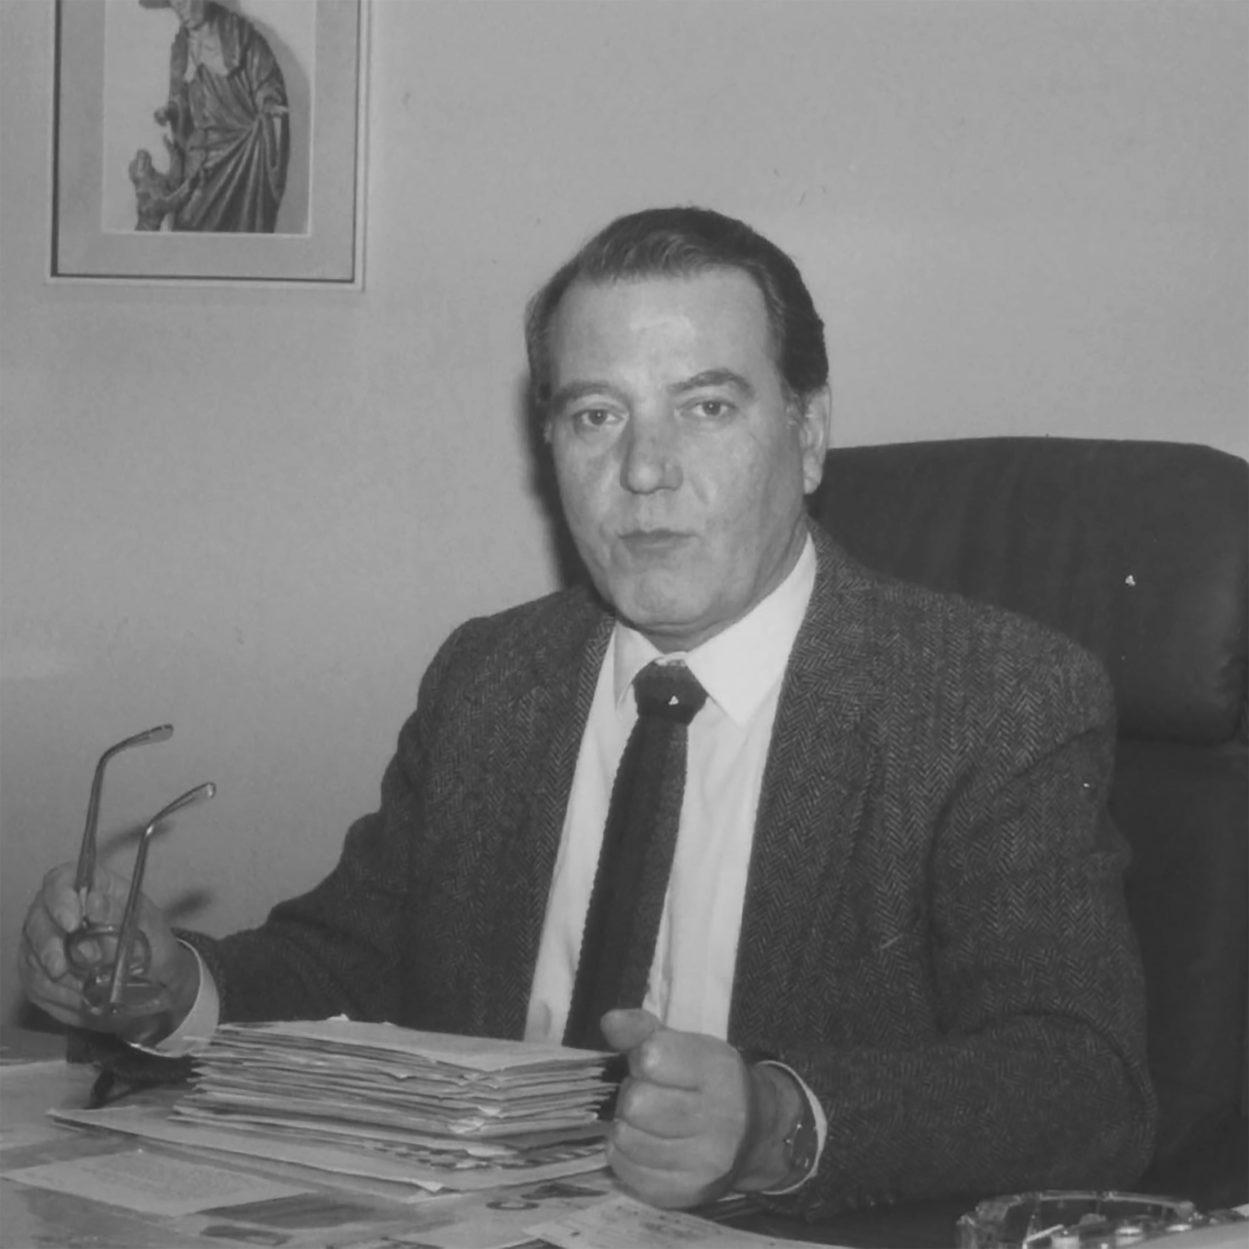 Werner Stoff & Hans Nagel